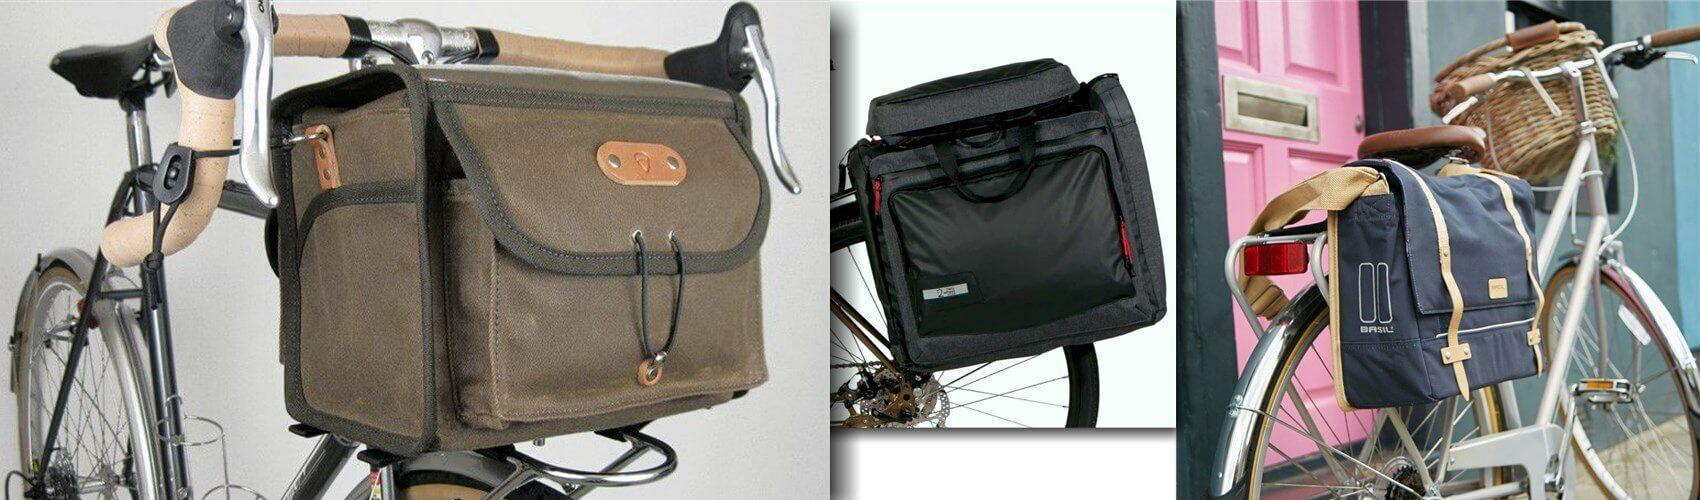 7k_bikepacking túra közlekedés mibe pakold a cuccot a kerékpáron, melyik táska hova és mire való